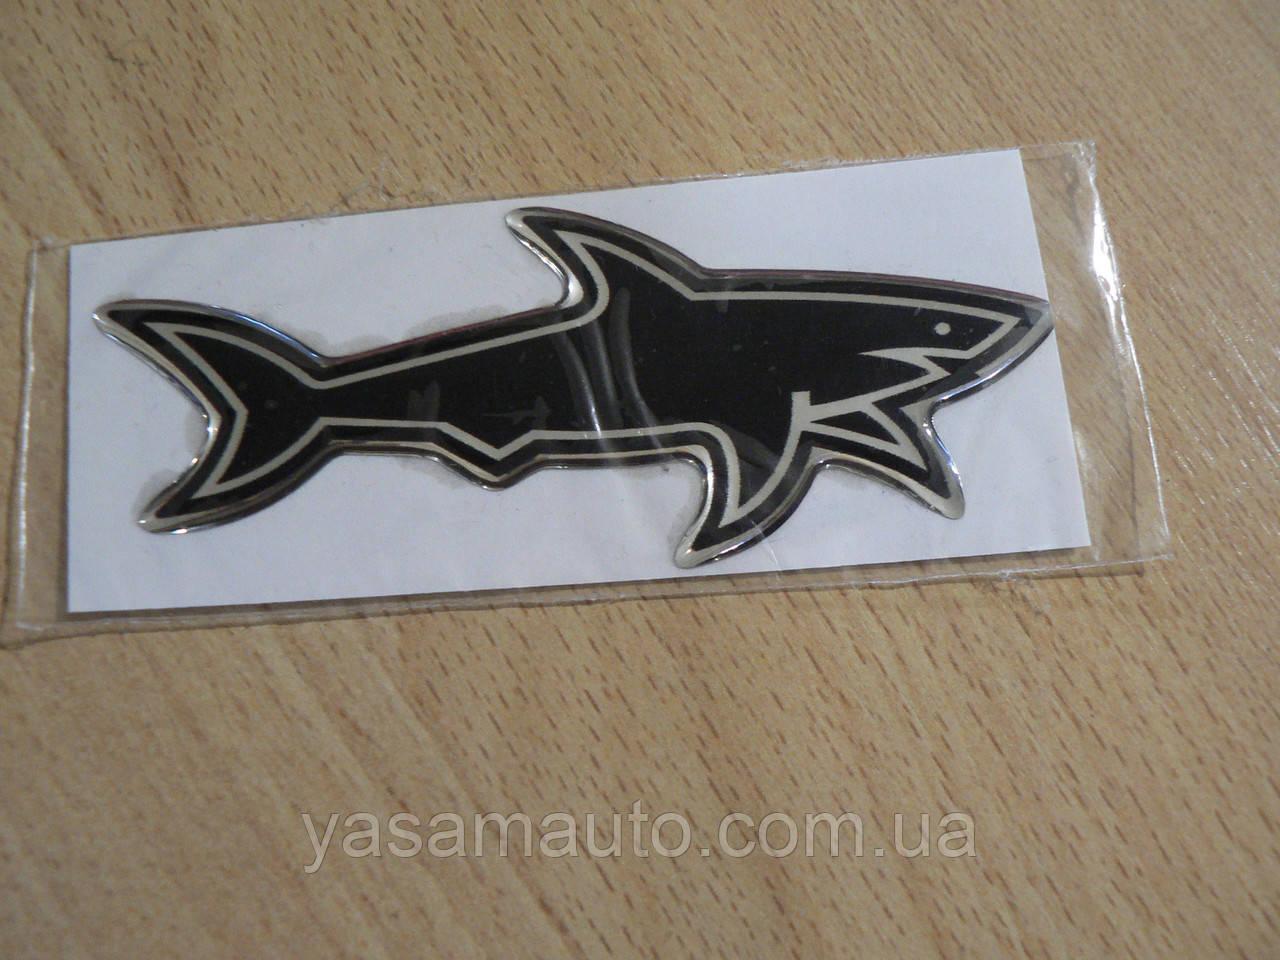 Наклейка s силиконовая Акула добрая 100х39х1,1 черная №2 нос вправо в на авто